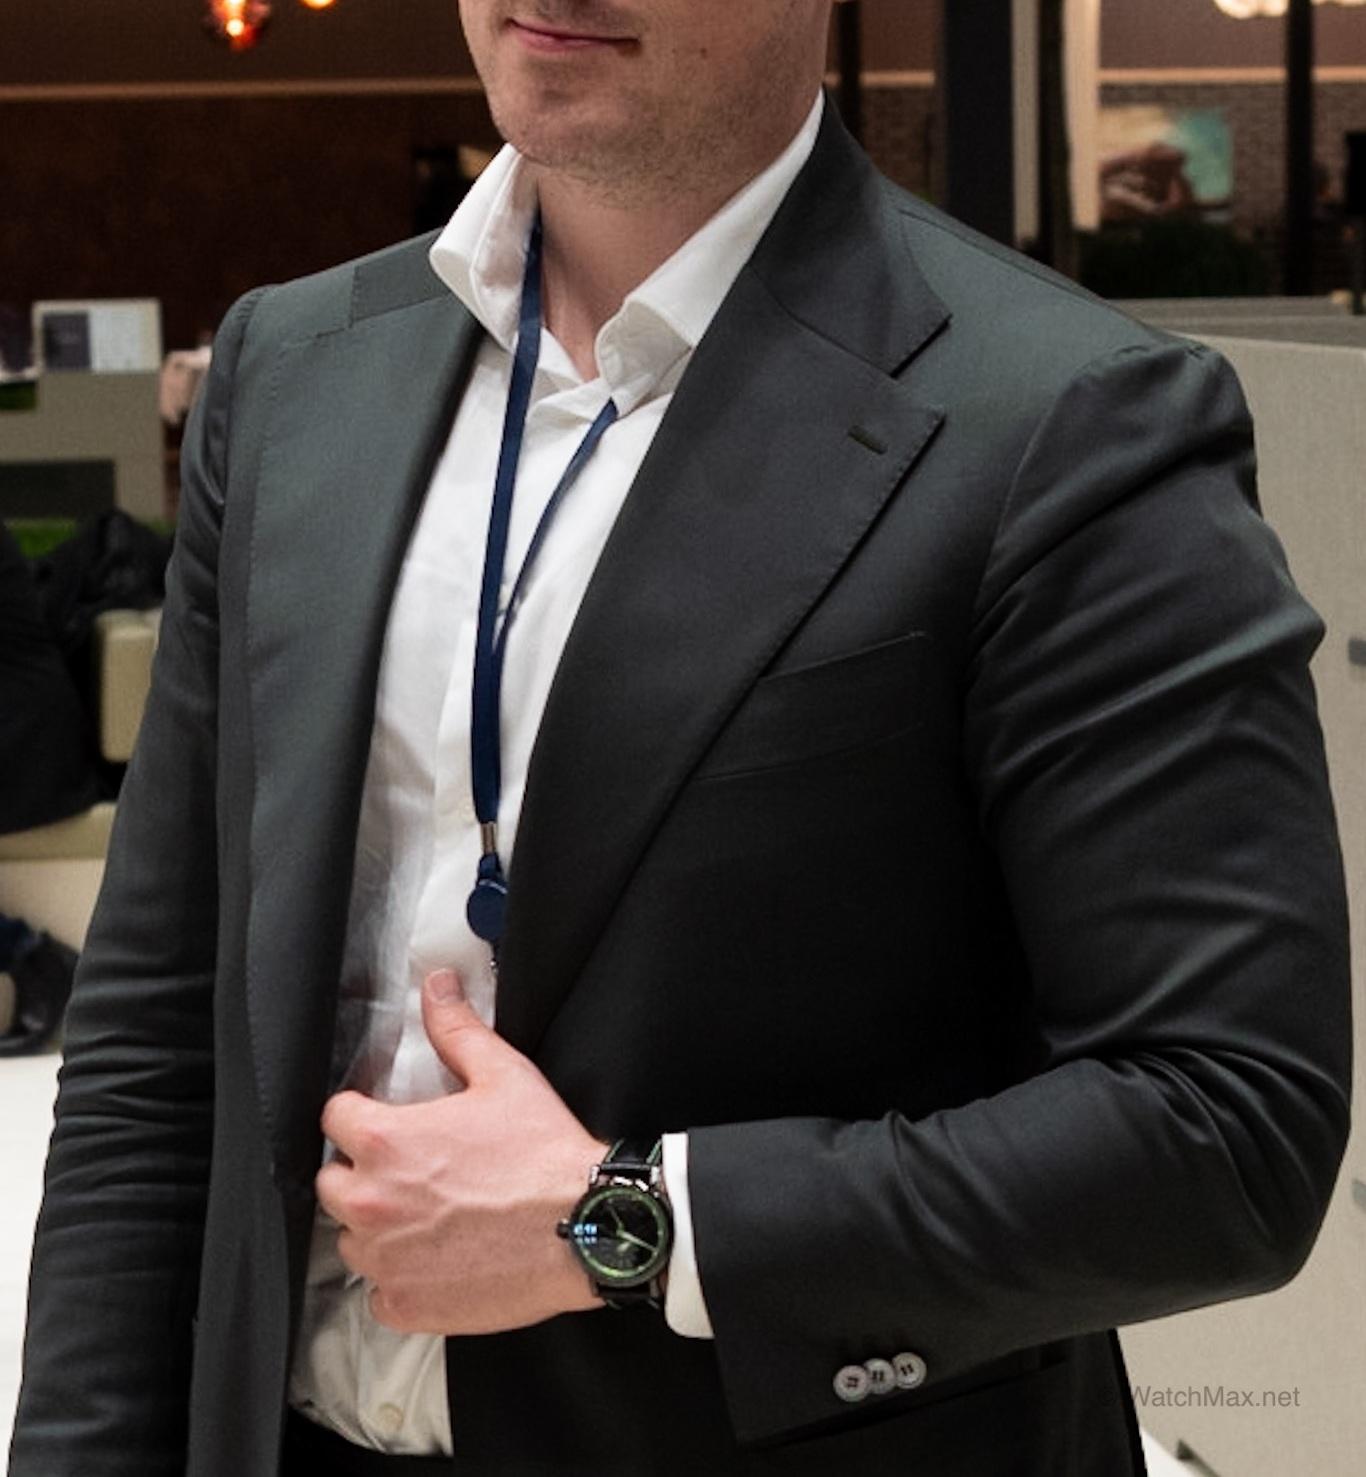 Swisswatchgang member of Zurich